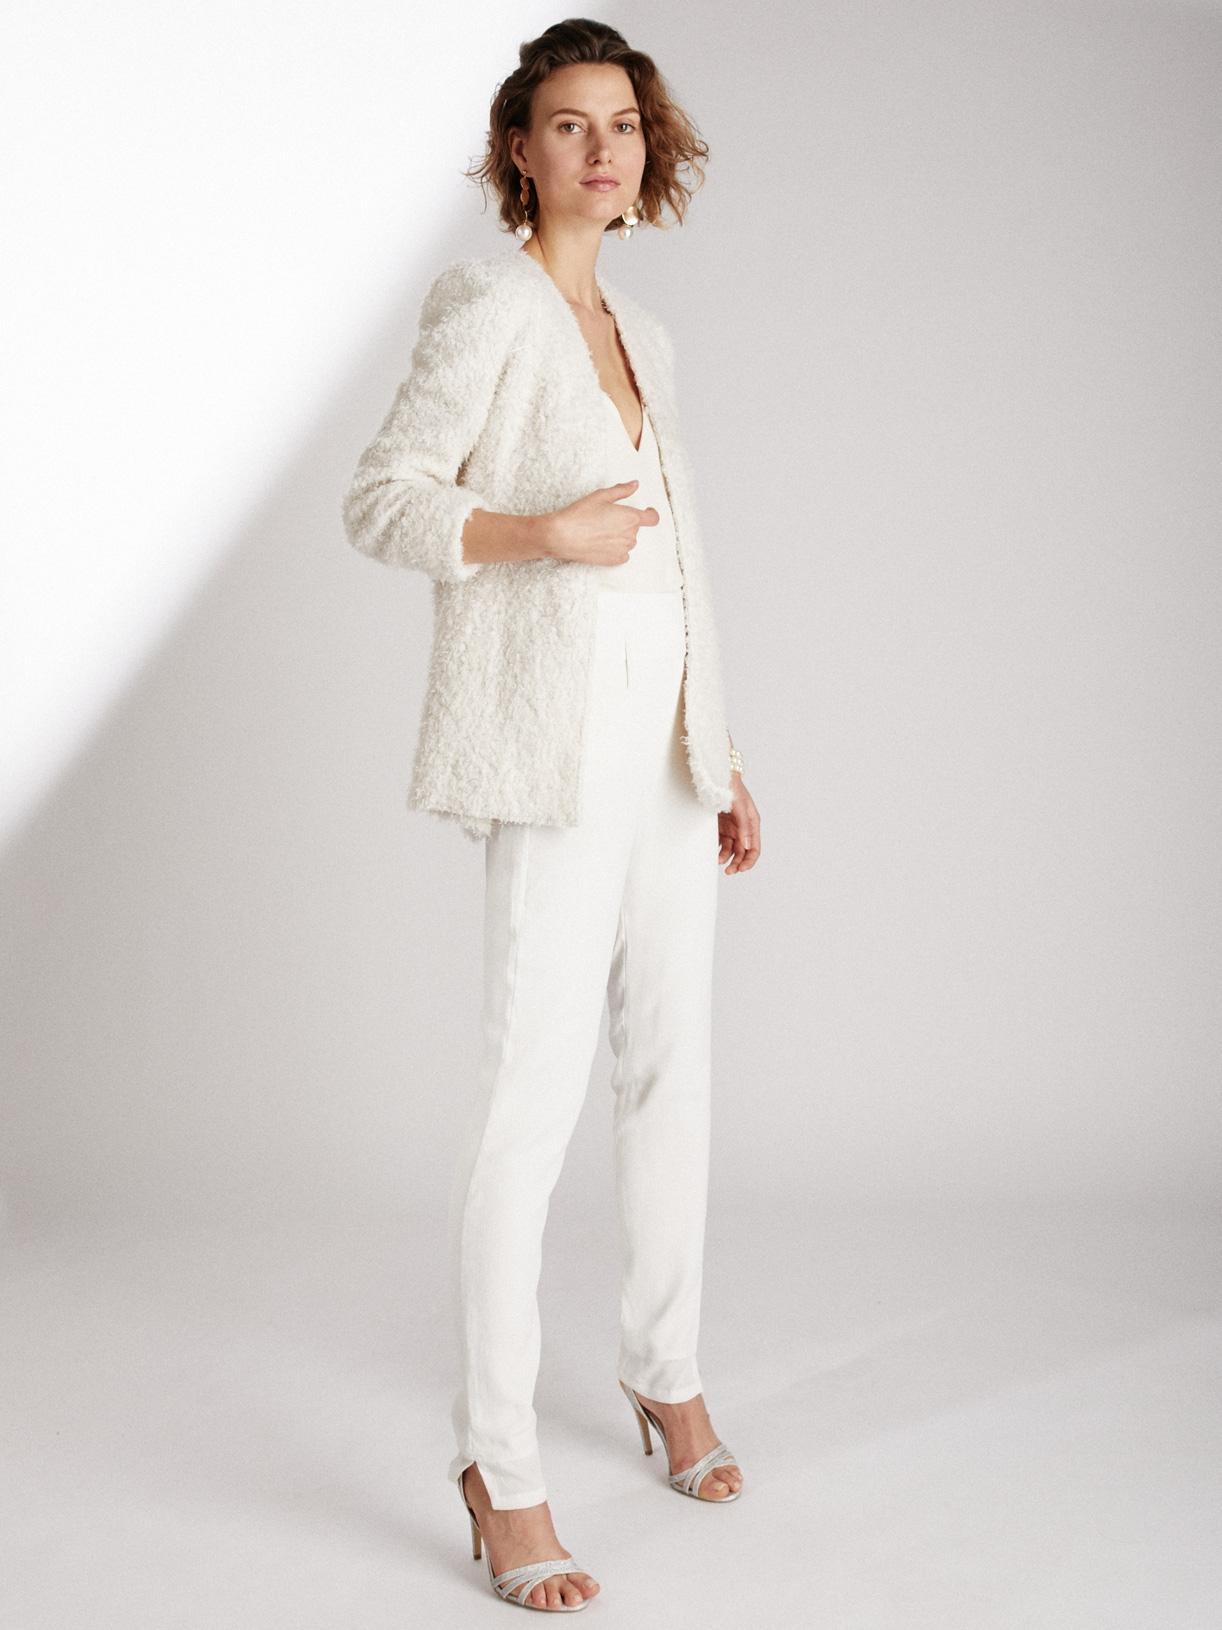 LEIANA - Pantalon tailleur de mariée cigarette taille haute éthique et sur-mesure - Myphilosophy